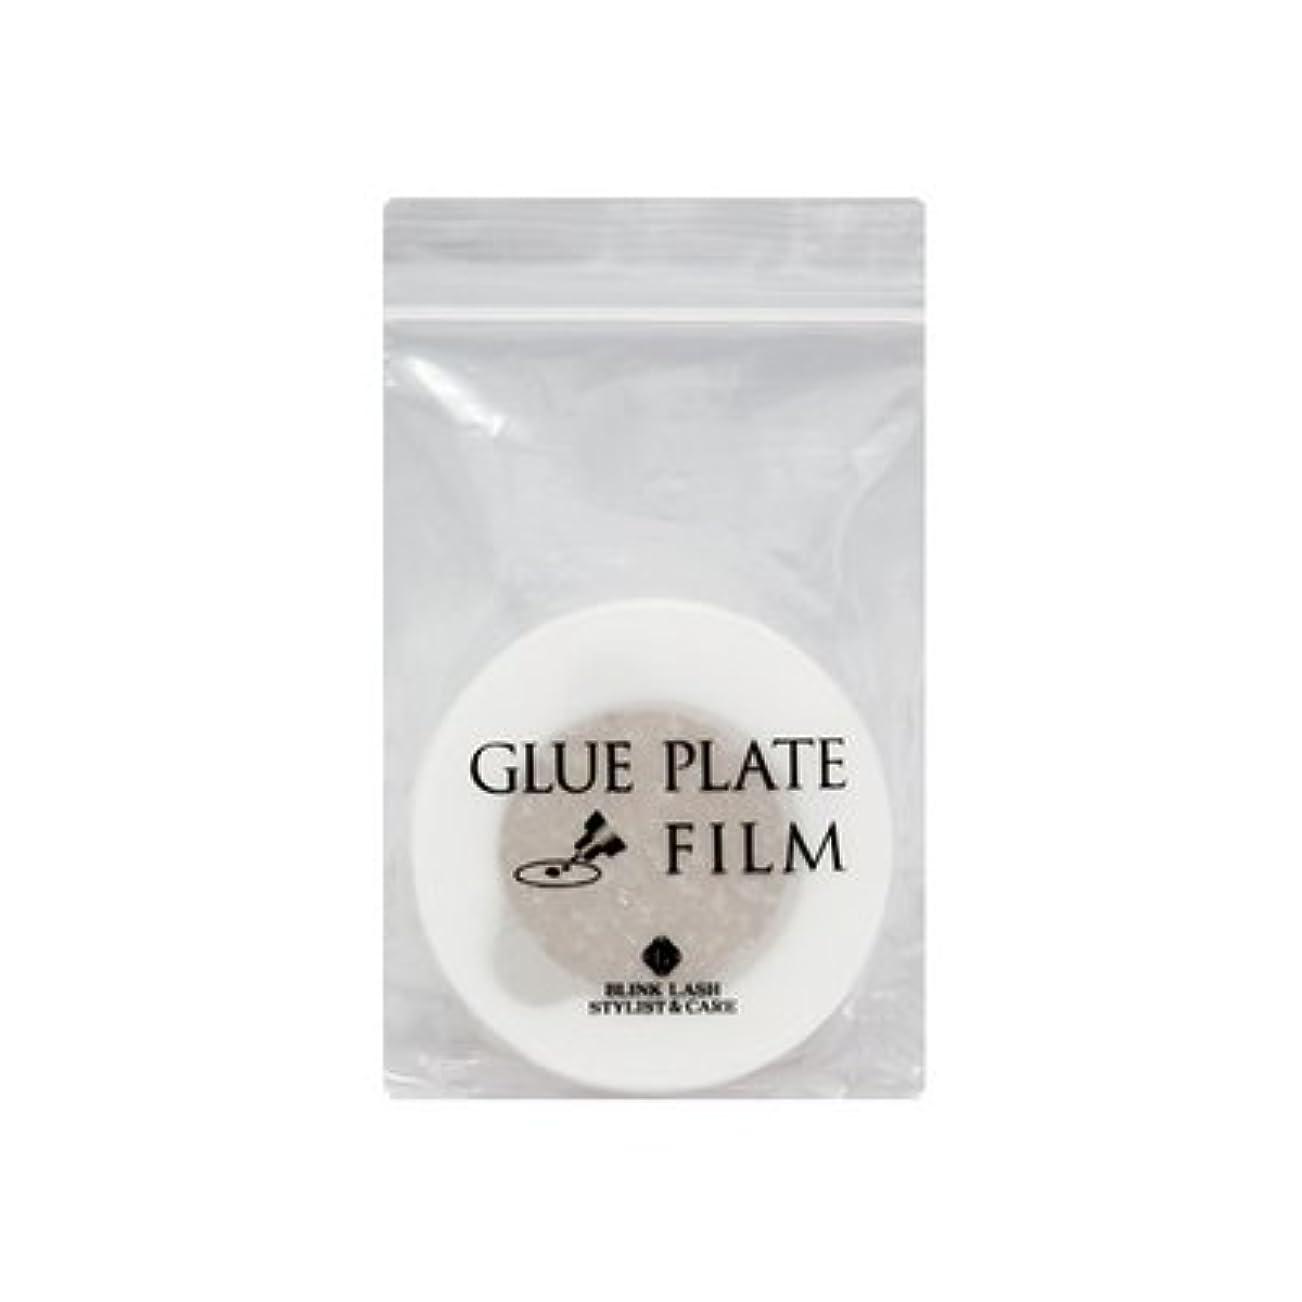 世界的に司令官カテゴリー【まつげエクステ】BLINK グループレートフィルム〈 30枚入 〉 (25mm)